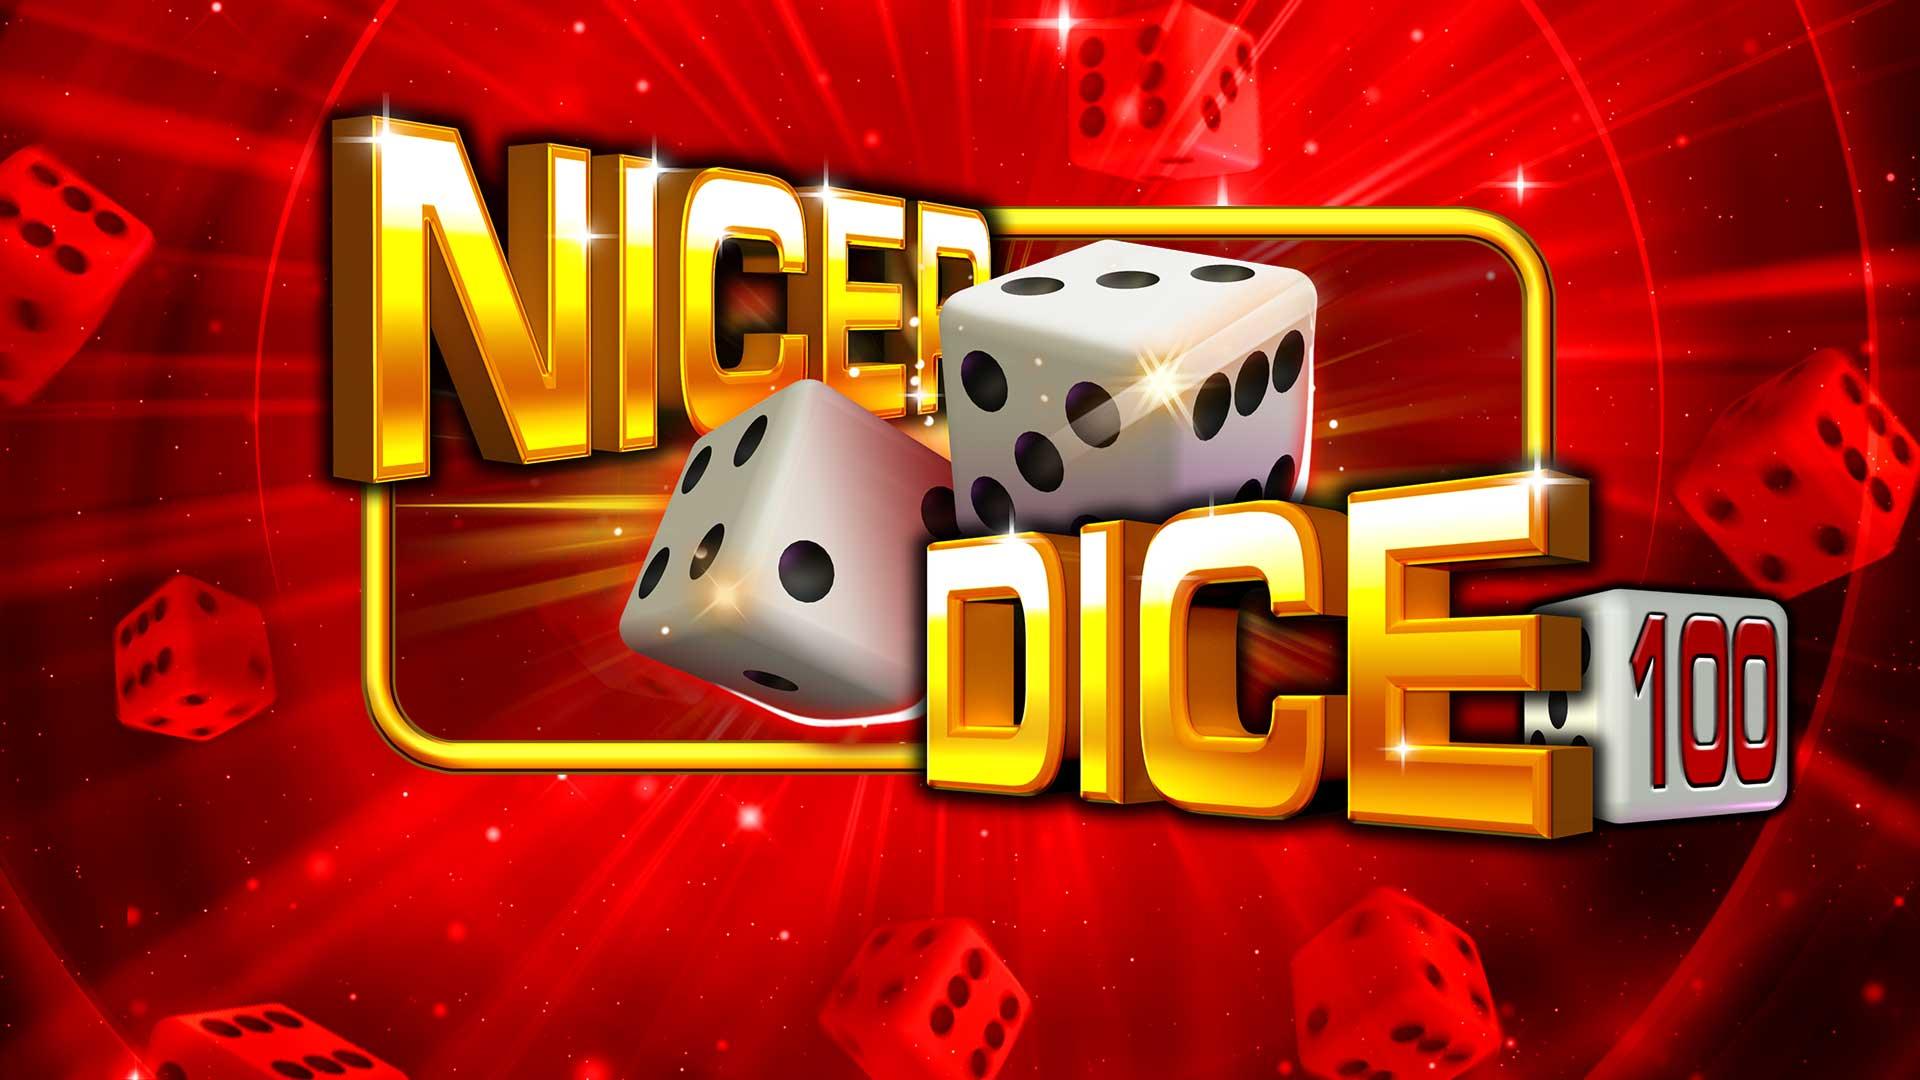 Nicer-Dice-100---1920x1080